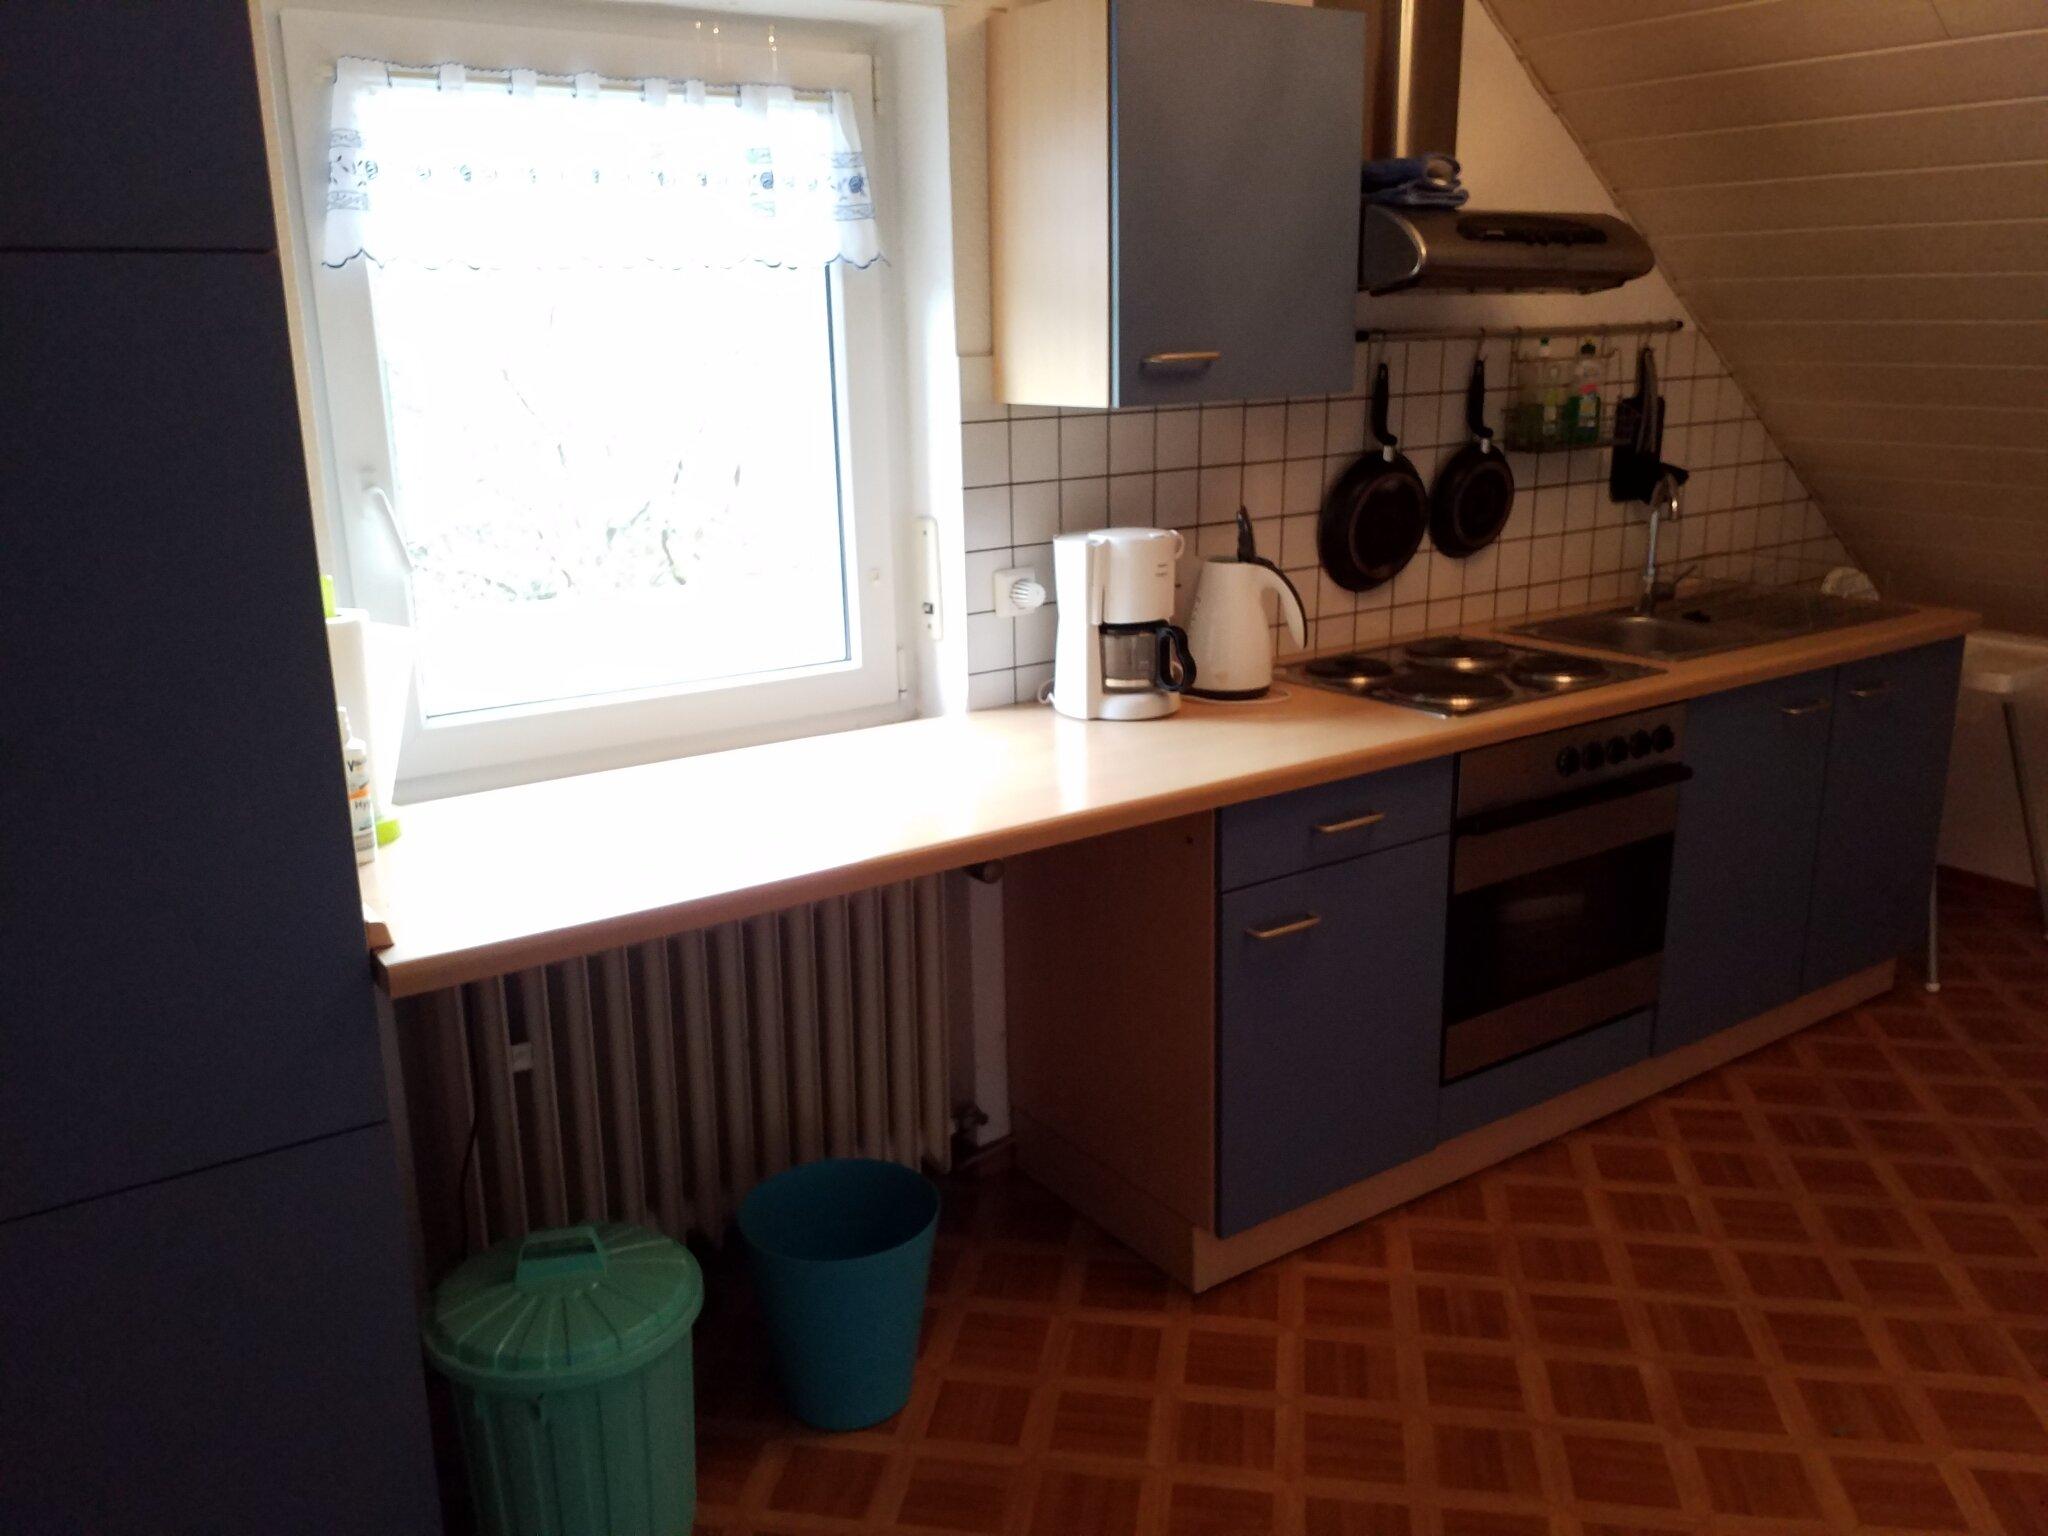 ferienwohnung christina in trier rheinland pfalz christina maly. Black Bedroom Furniture Sets. Home Design Ideas